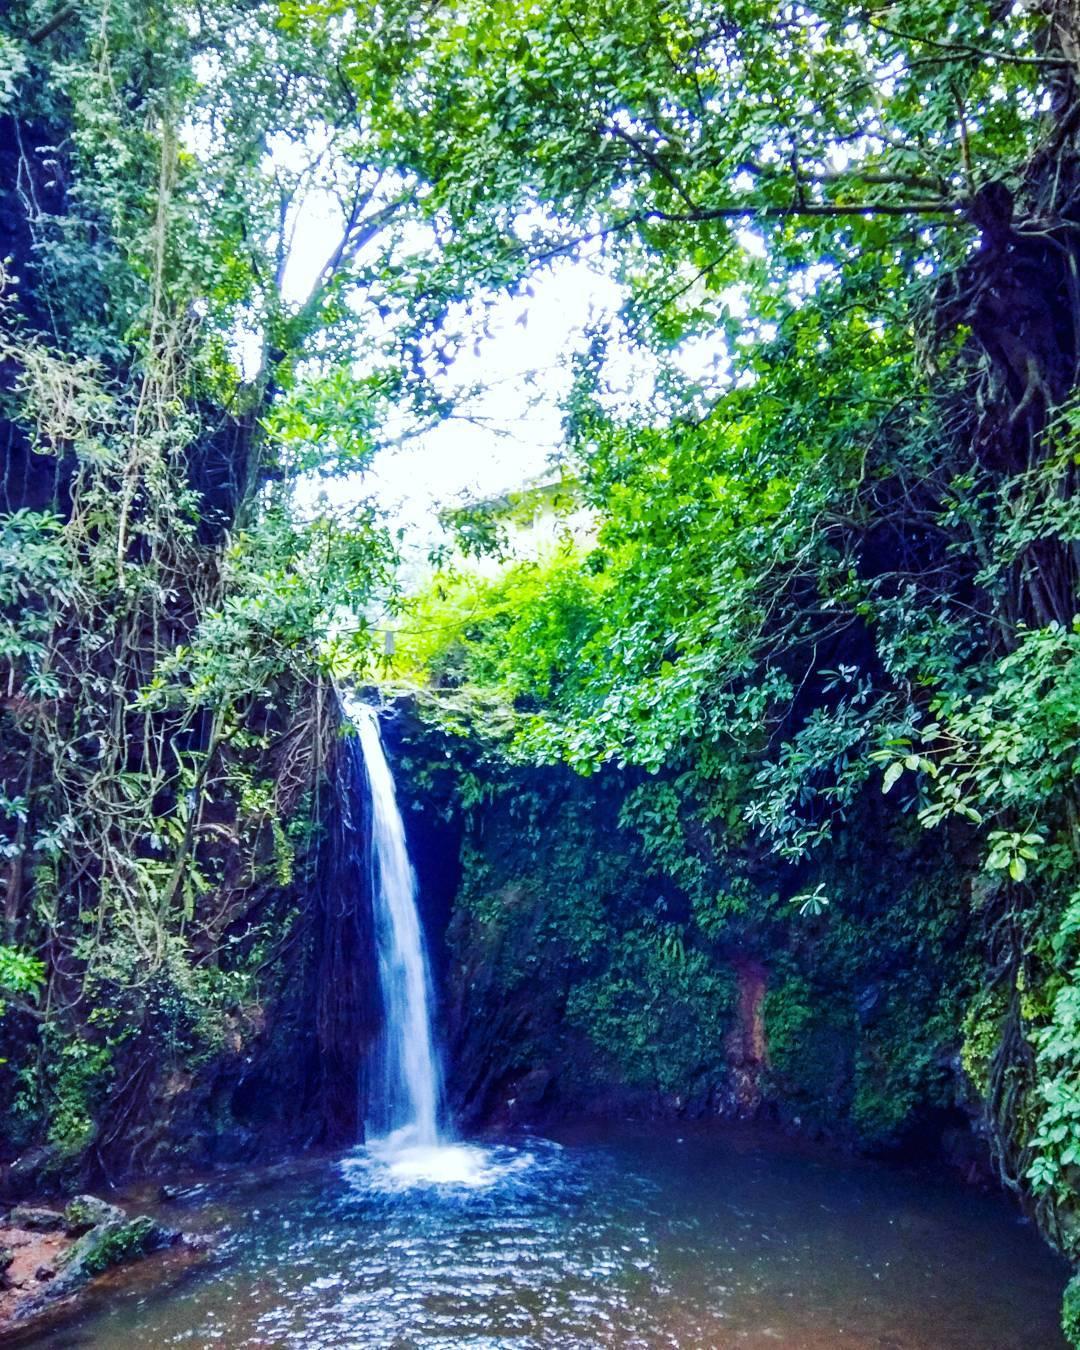 Apsara Konda Falls